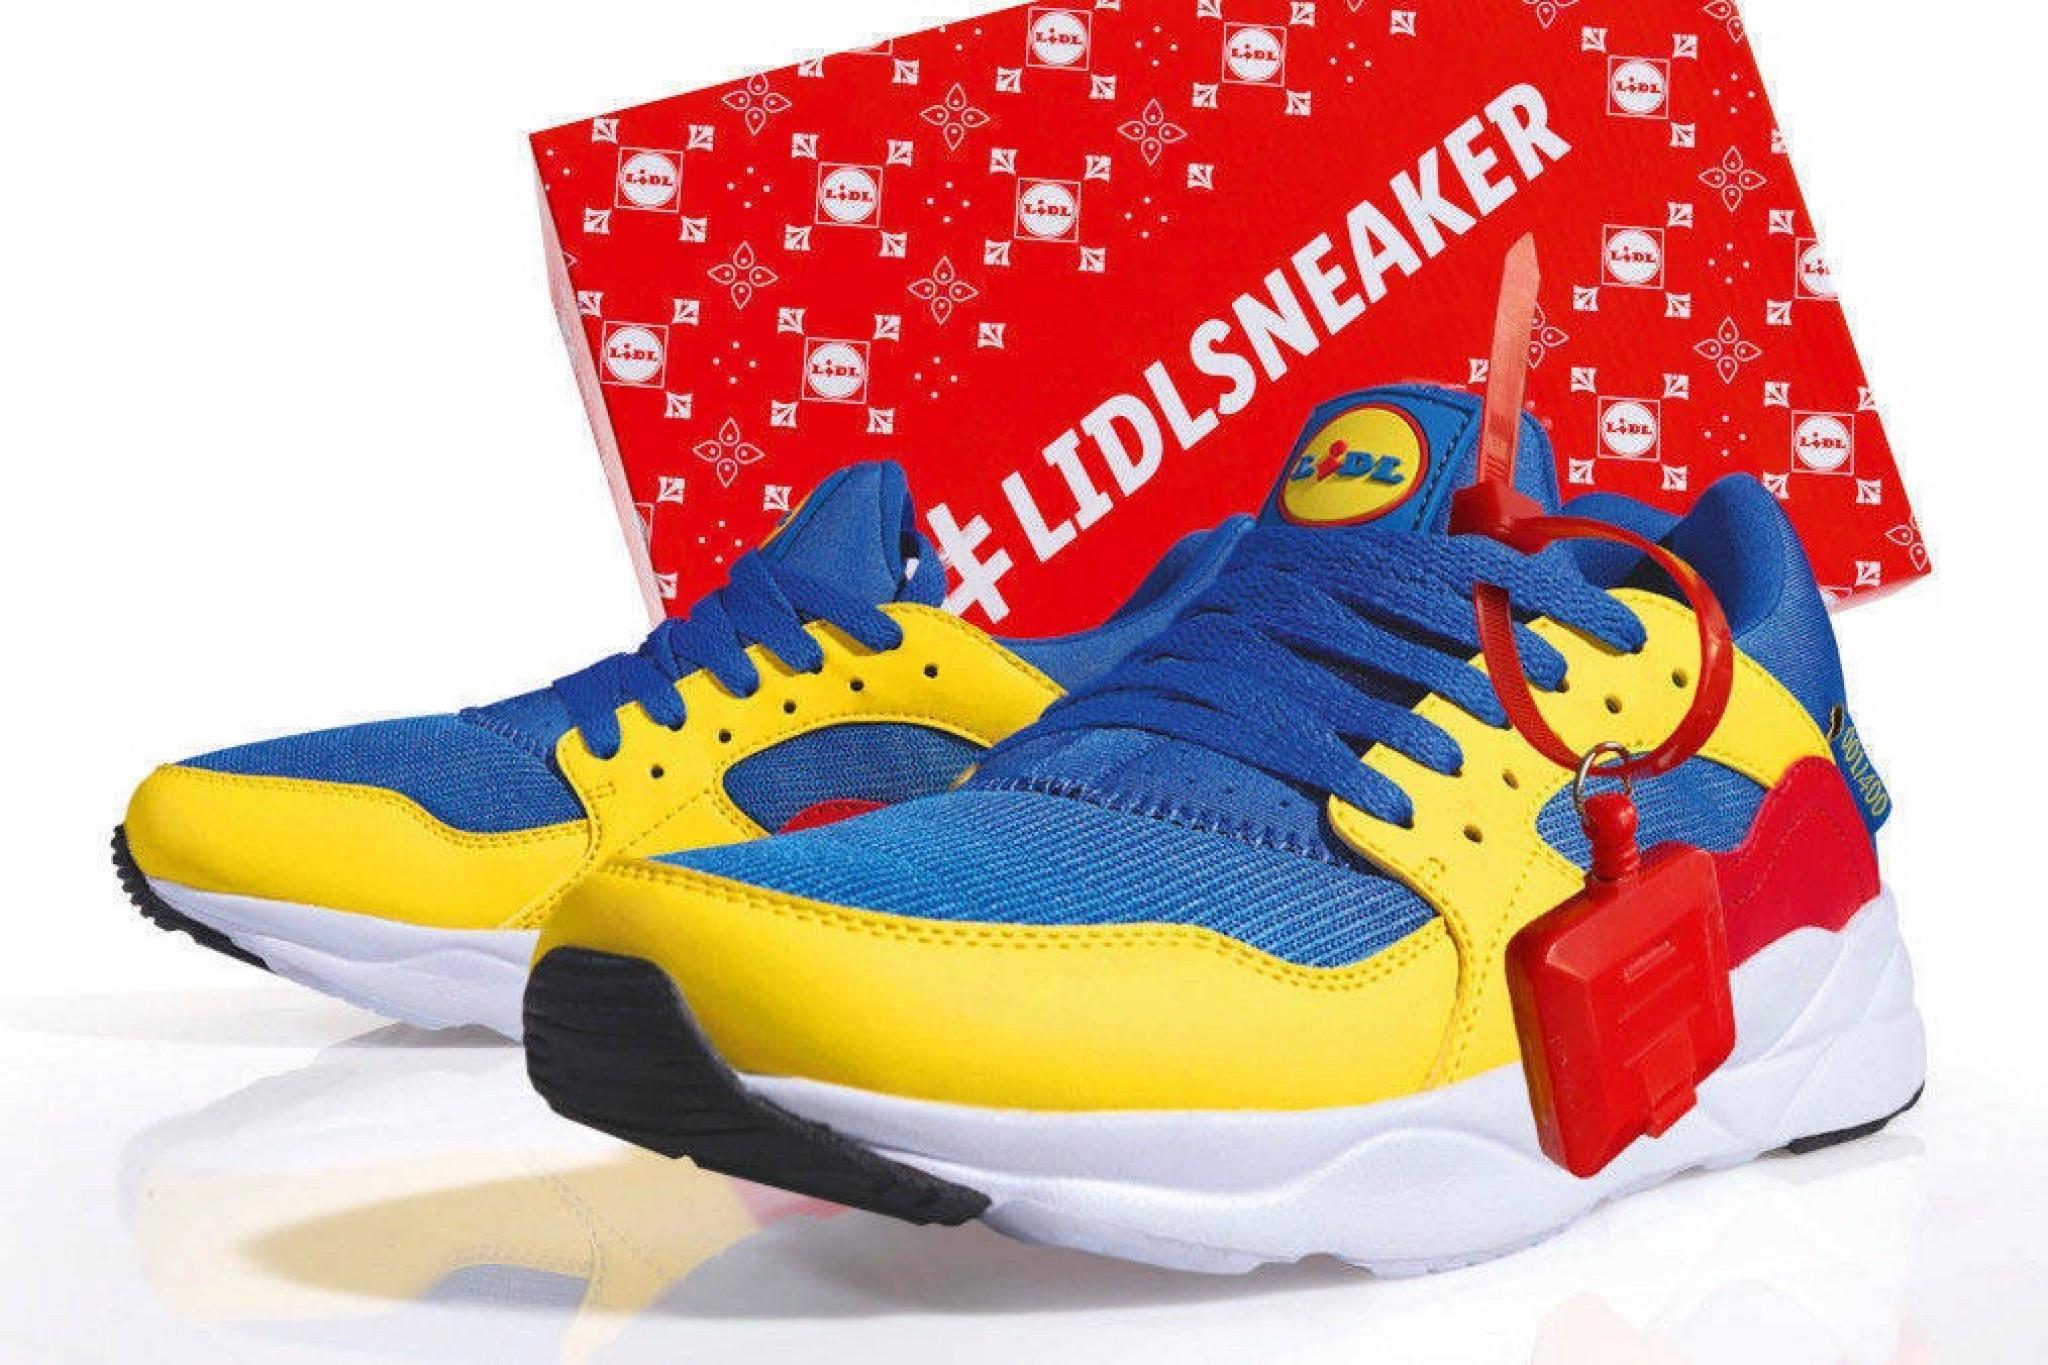 adidas schoenen lidl